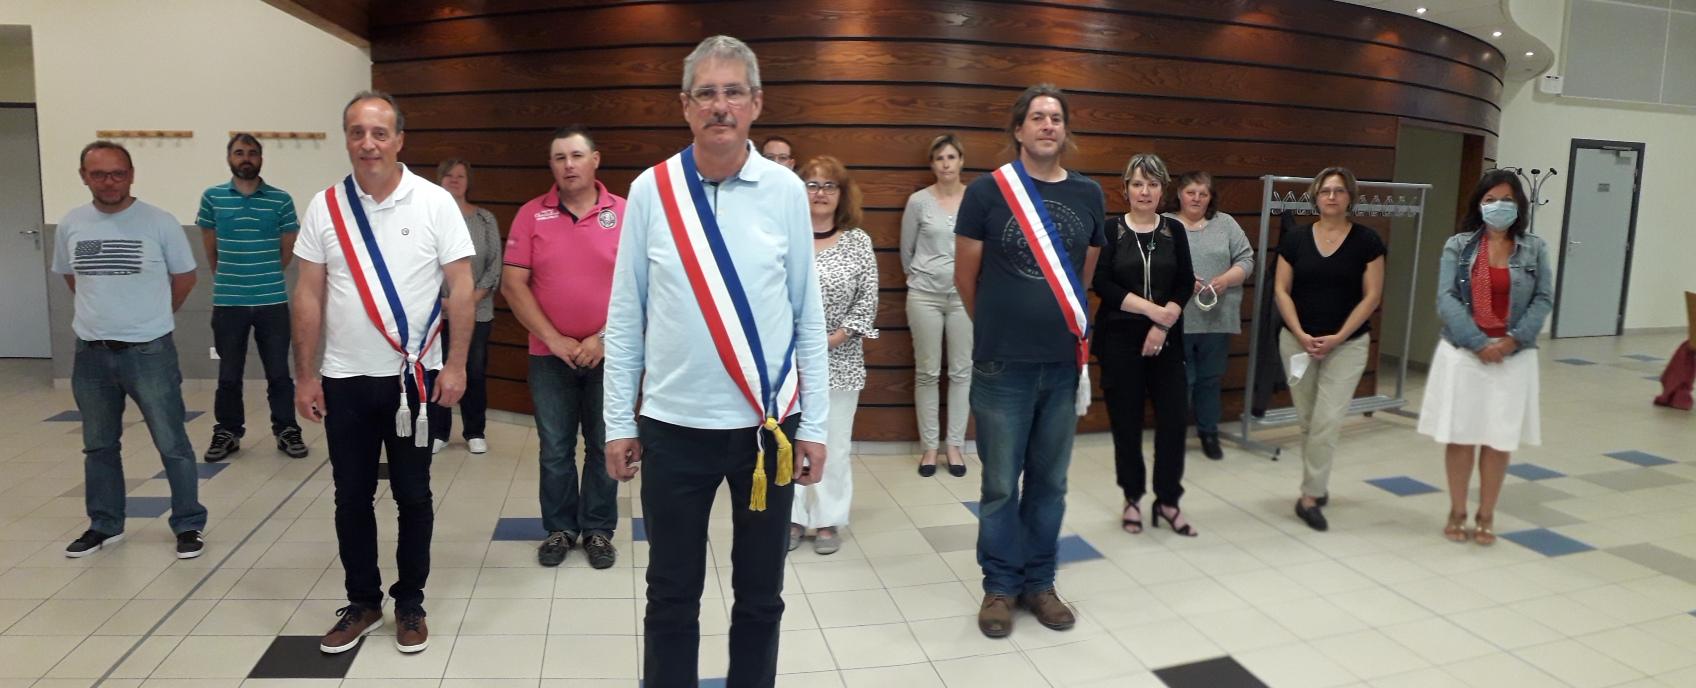 Eddy Rohrbach ist neuer Bürgermeister von Weyer im Elsass